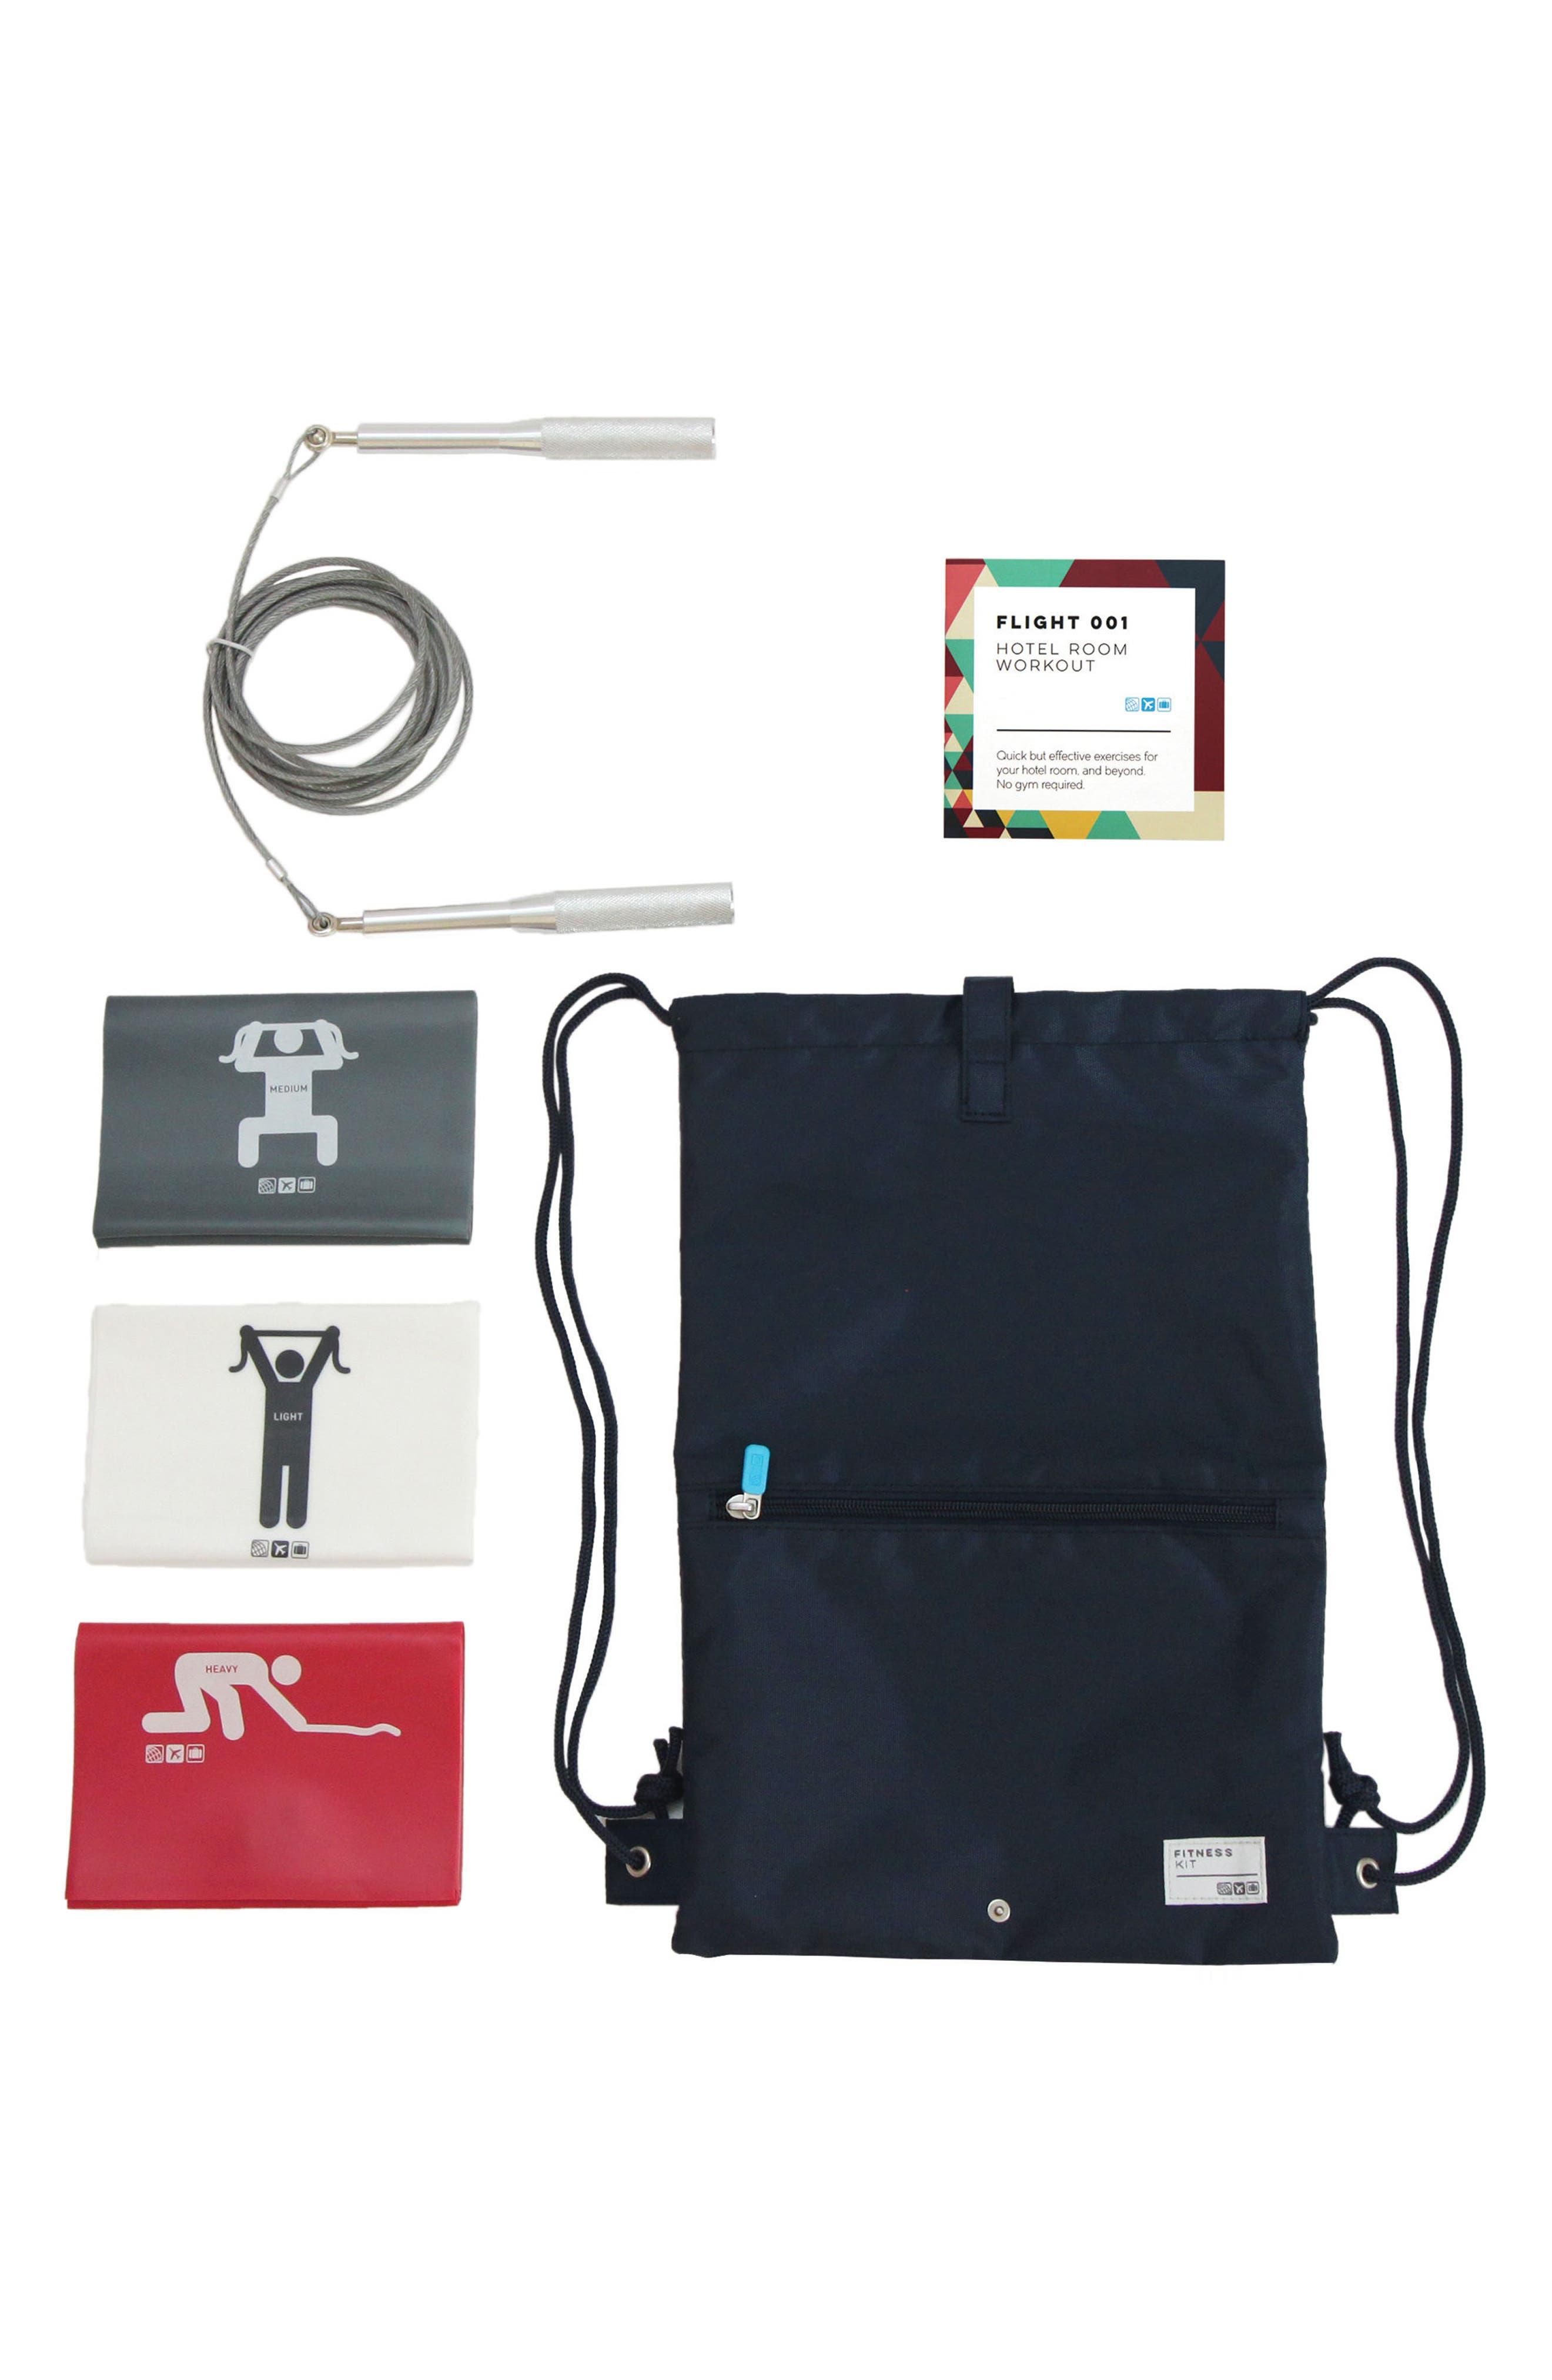 Alternate Image 1 Selected - Flight 001 Fitness Kit